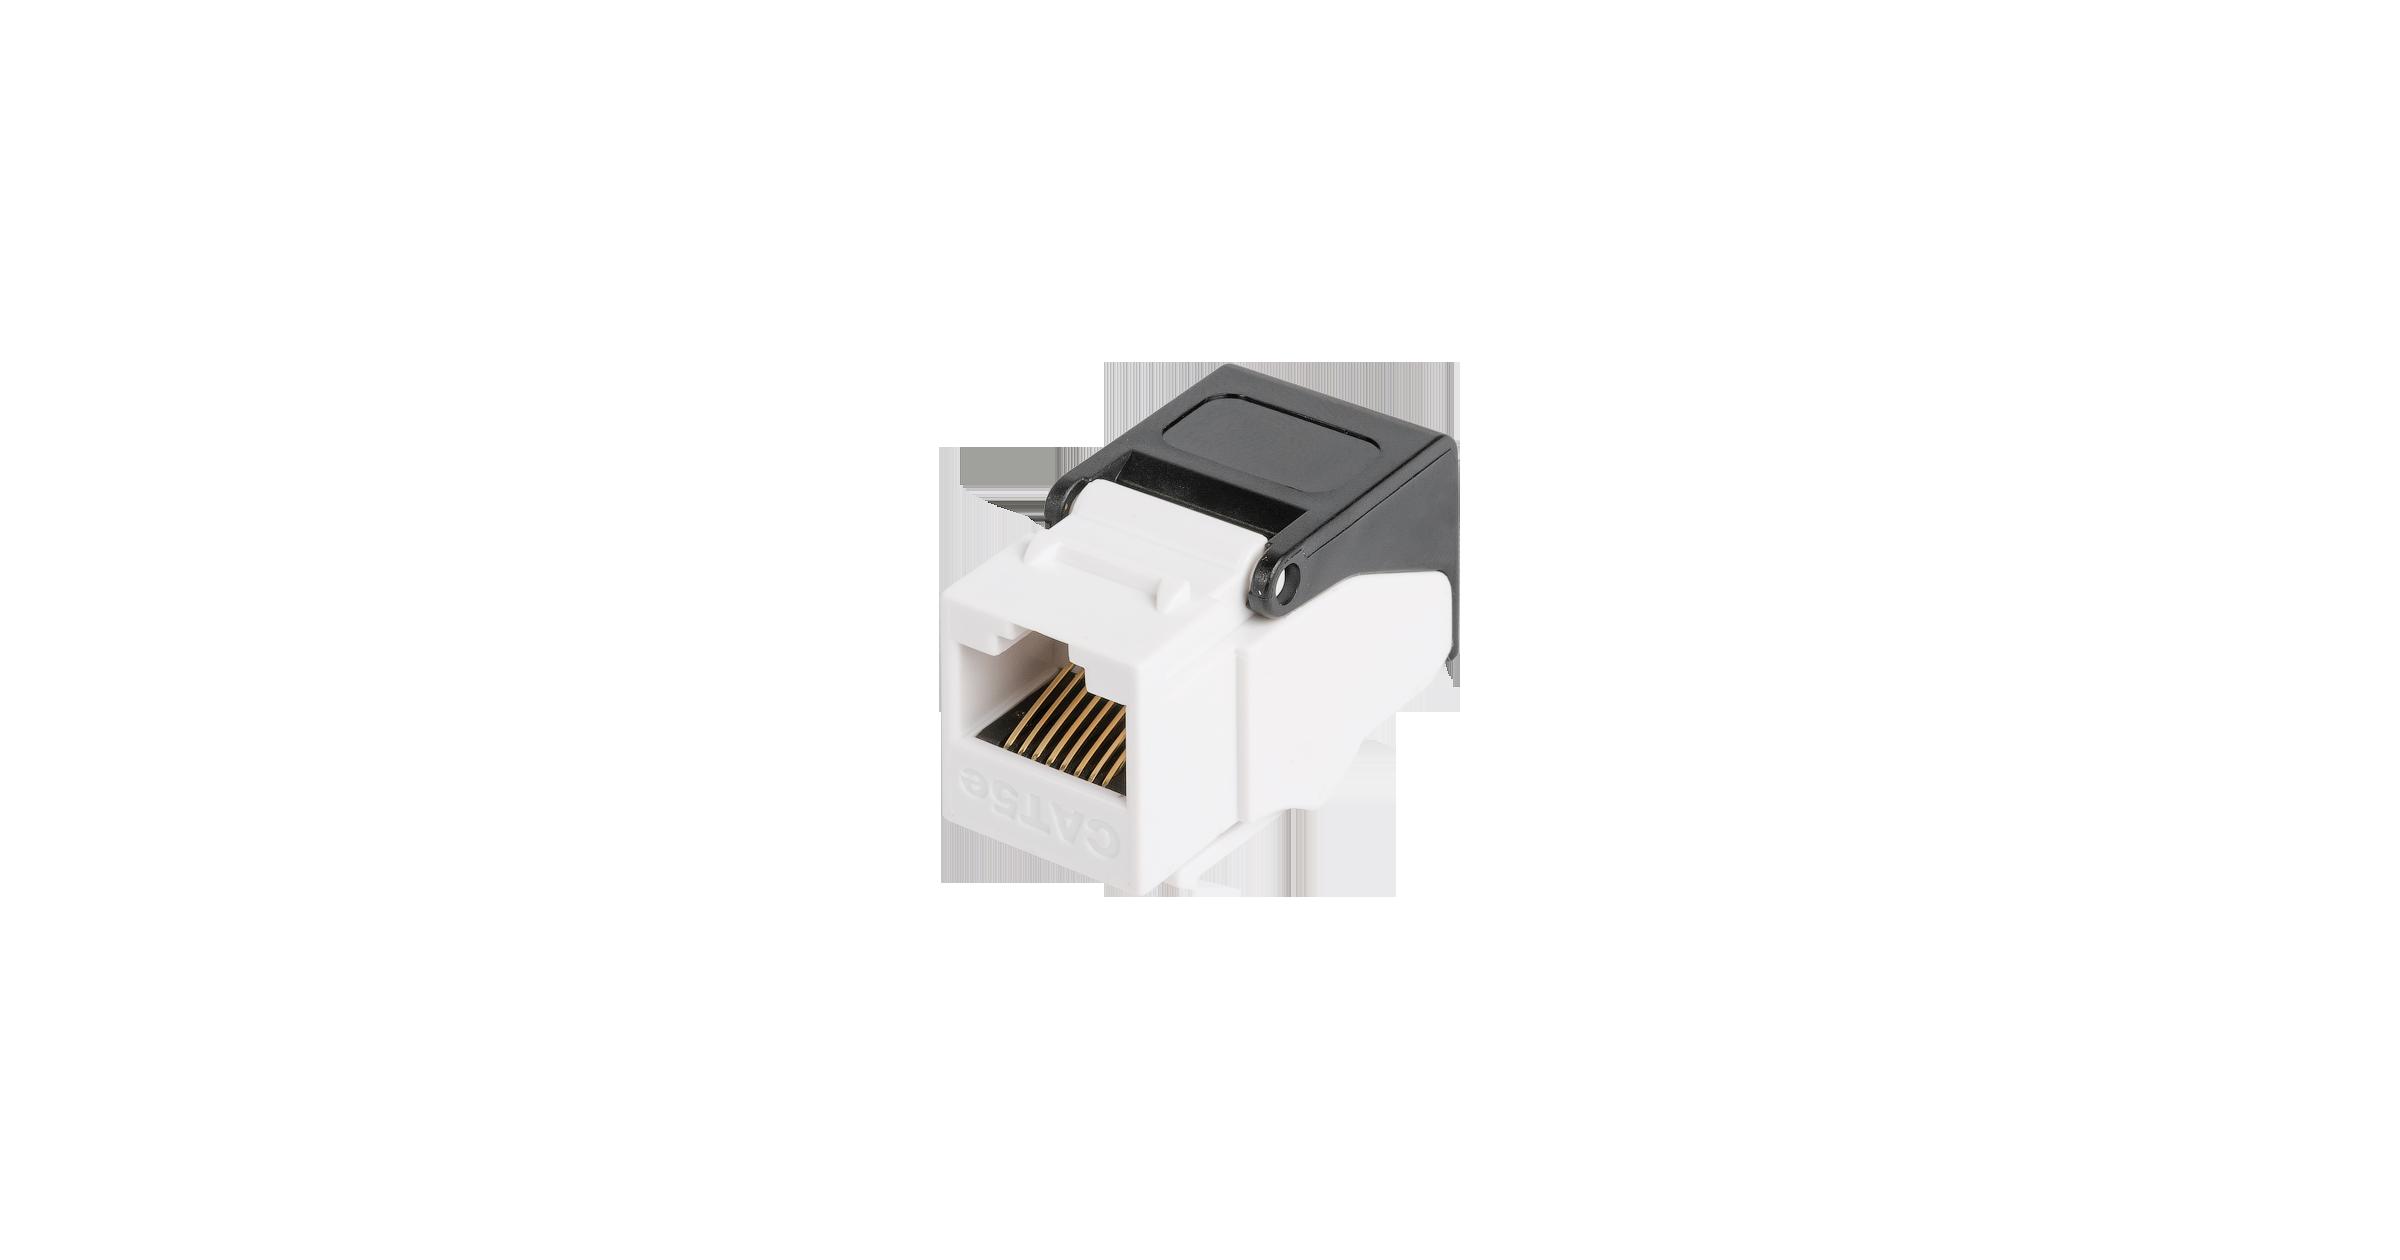 Модуль-вставка NIKOMAX типа Keystone, Кат.5е (Класс D), 100МГц, RJ45/8P8C, самозажимной, T568A/B, неэкранированный, белый - гарантия: 5 лет расширенная / 25 лет системная